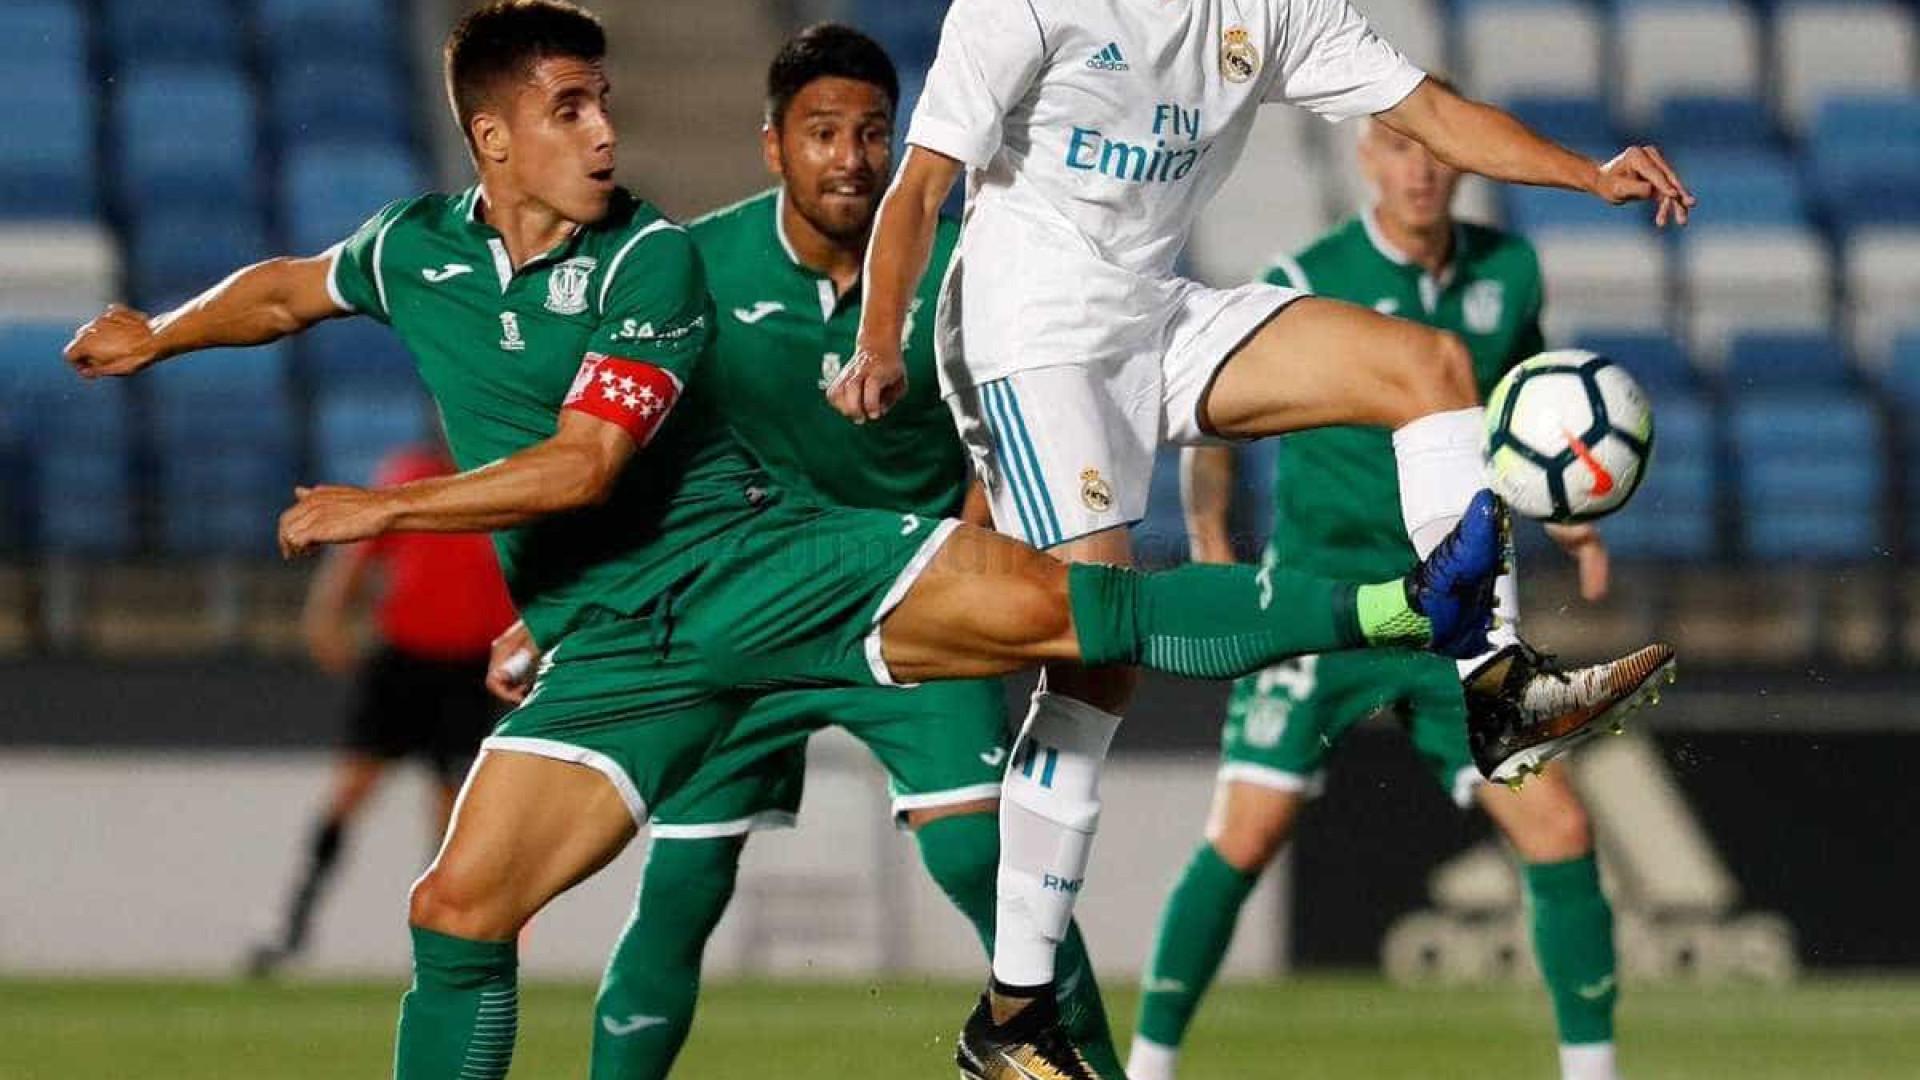 Joia do Real Madrid comemora chance na seleção brasileira